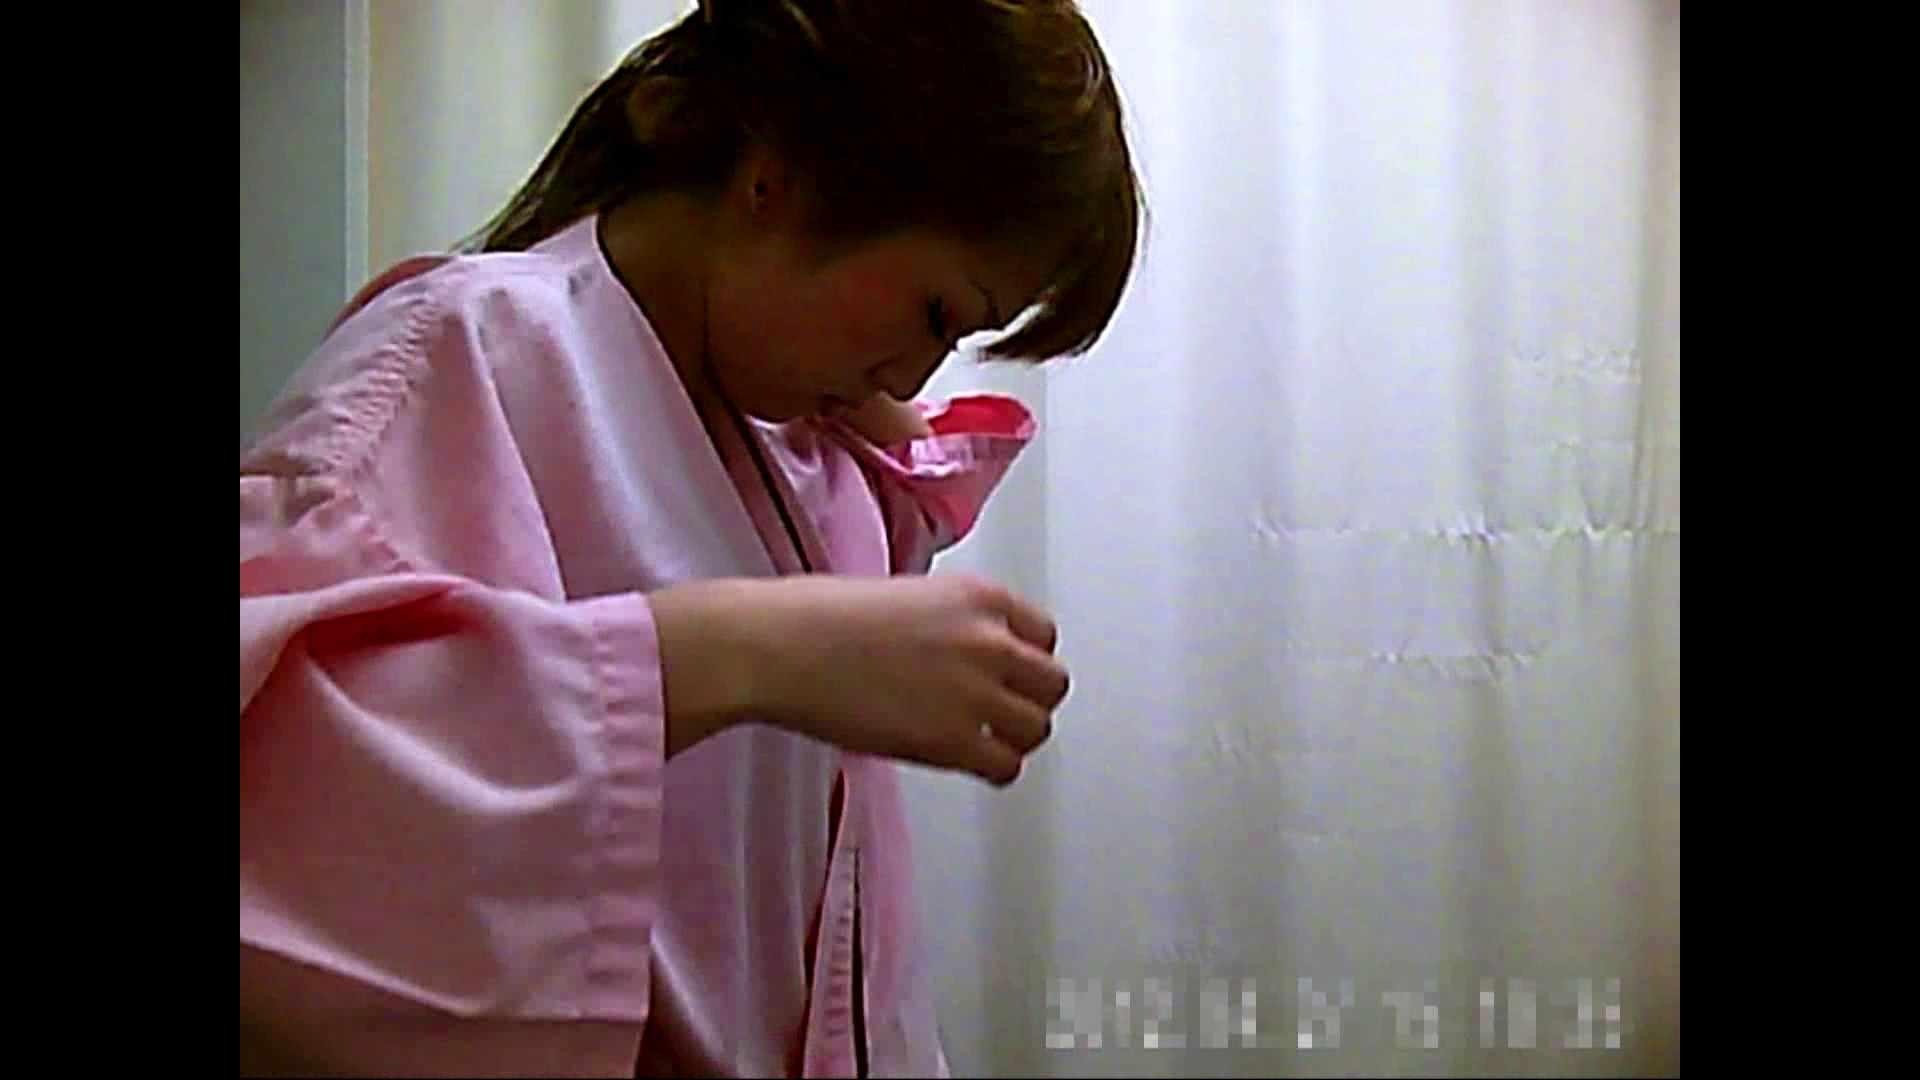 元医者による反抗 更衣室地獄絵巻 vol.004 OL | 0  84連発 38